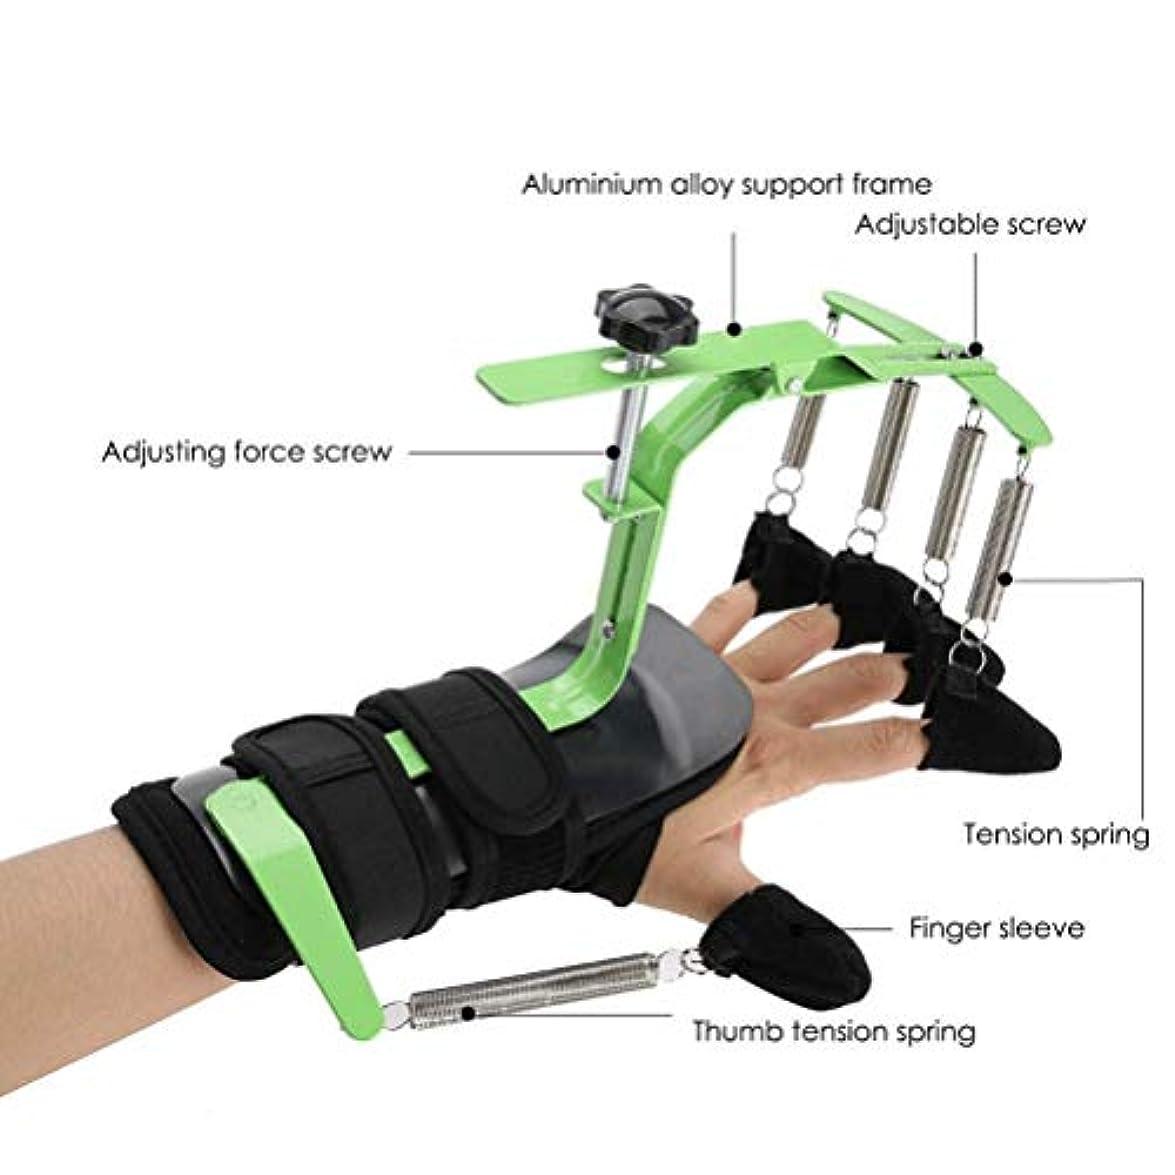 見分けるモンスター合法脳卒中片麻痺患者の指セパレータースプリントのためにリハビリテーションブレース指トレーニング、デバイスにサポートの手の手首のインソールトレーニング機器を指